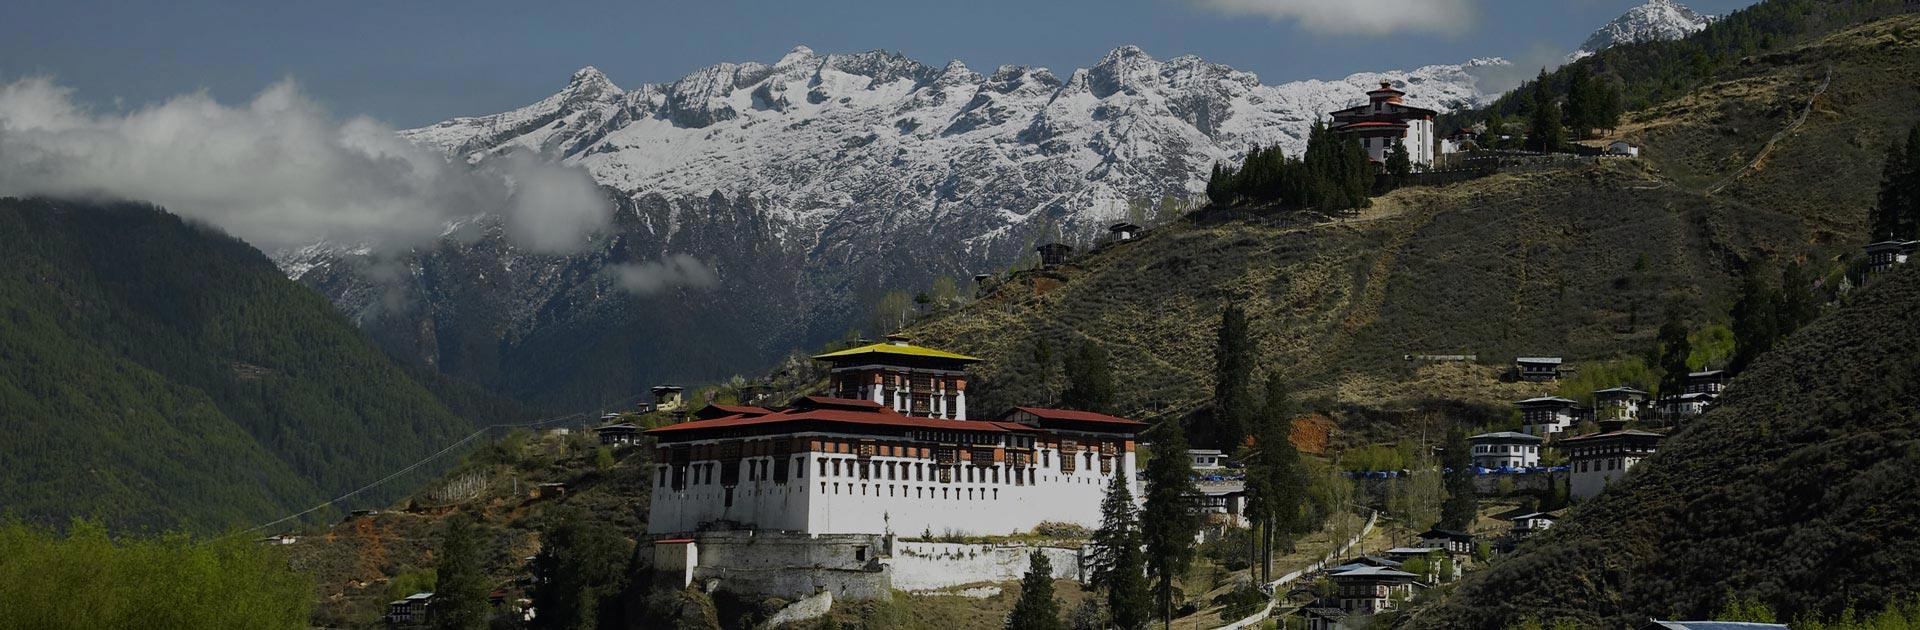 BT Corazón de Bután 7 días 4